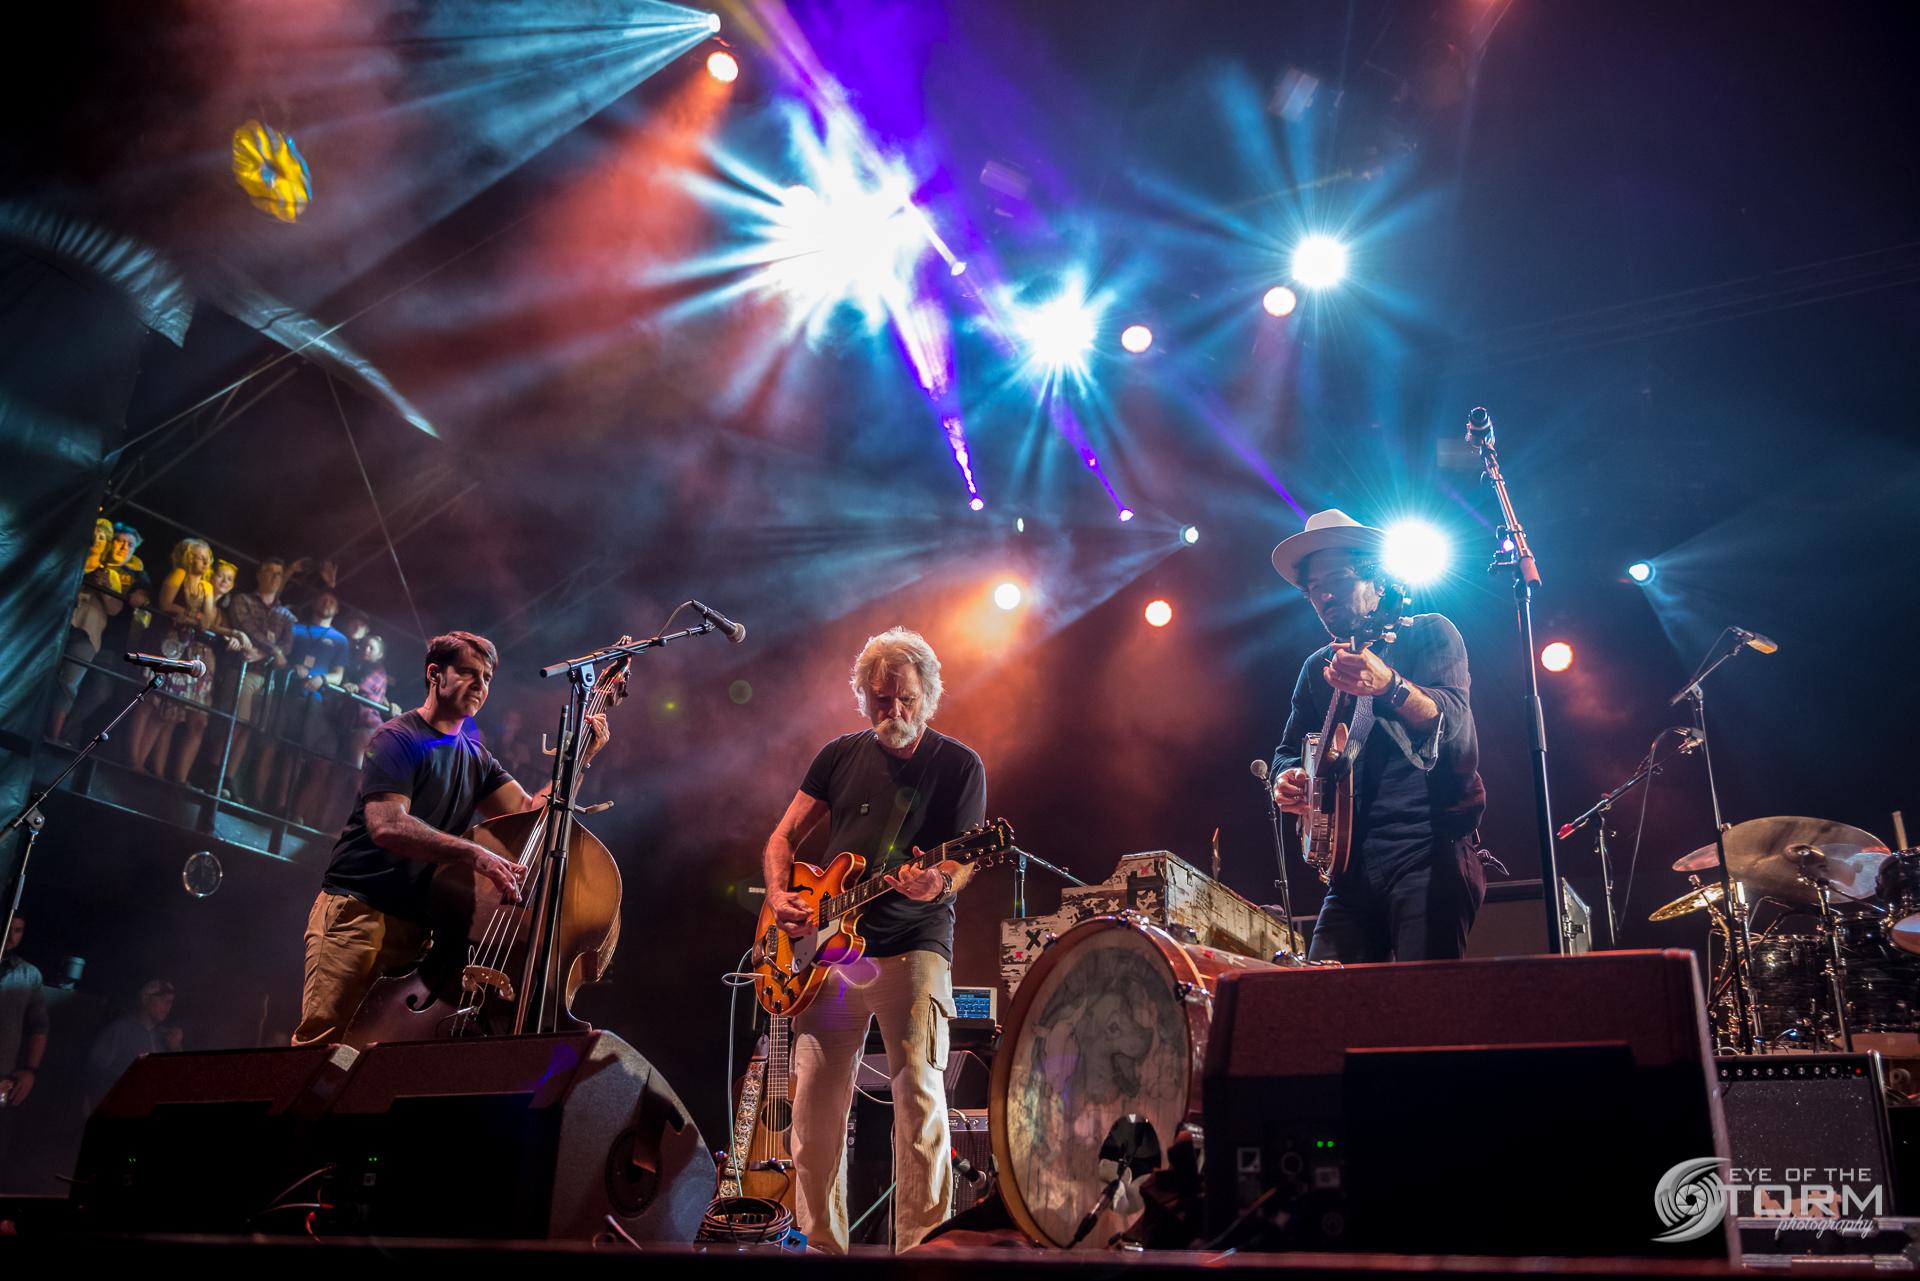 The Avett Brothers w/ Bob Weir - 2017-08-27 // Lockn' Music Festival // Arrington, VA